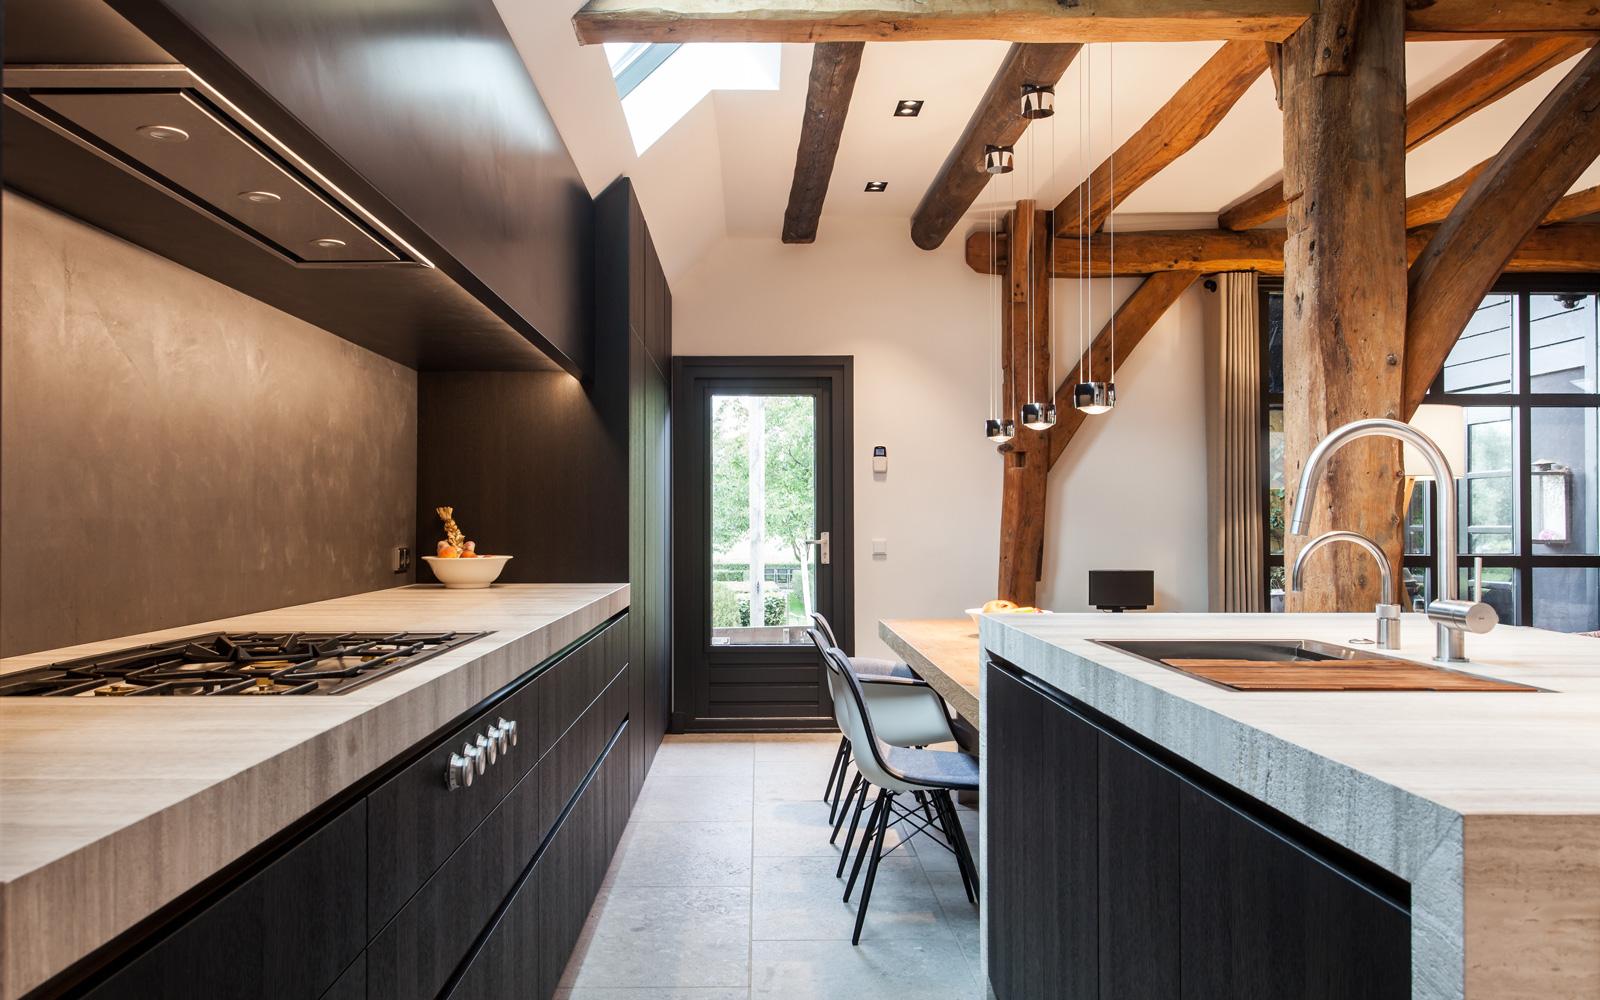 De luxe Culimaat keuken wordt afgemaakt met het blad van natuursteen door Grillo natuursteen BV